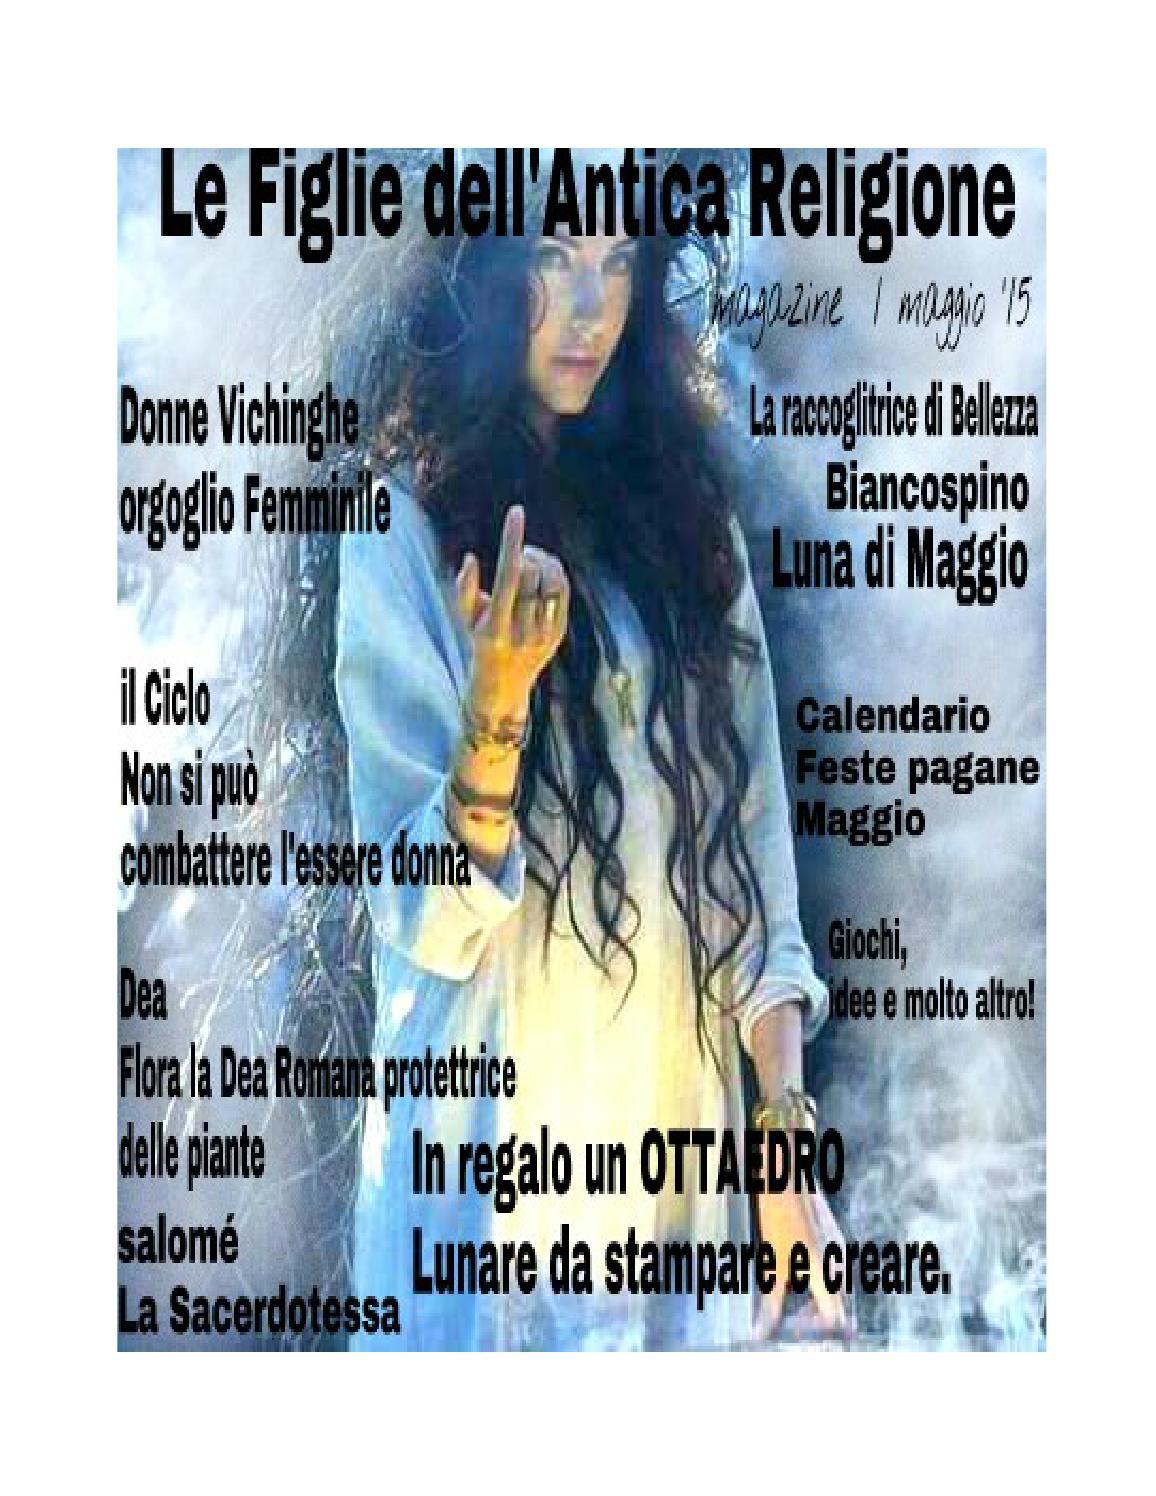 Calendario Magico Mestruazioni Antico.Le Figlie Dell Antica Religione Magazine By July Da Silva